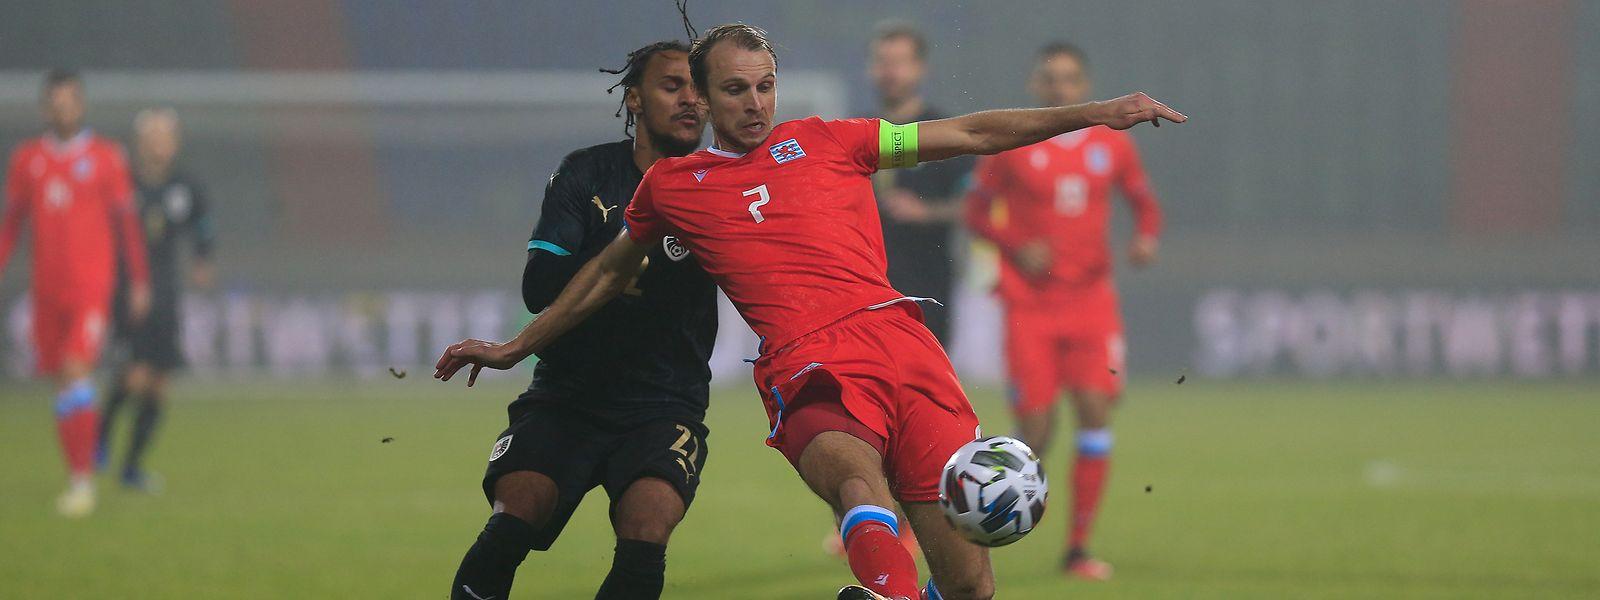 Auf Lars Gerson (v.), hier im Zweikampf mit Österreichs Nationalspieler Valentino Lazaro, wartet eine neue Herausforderung.